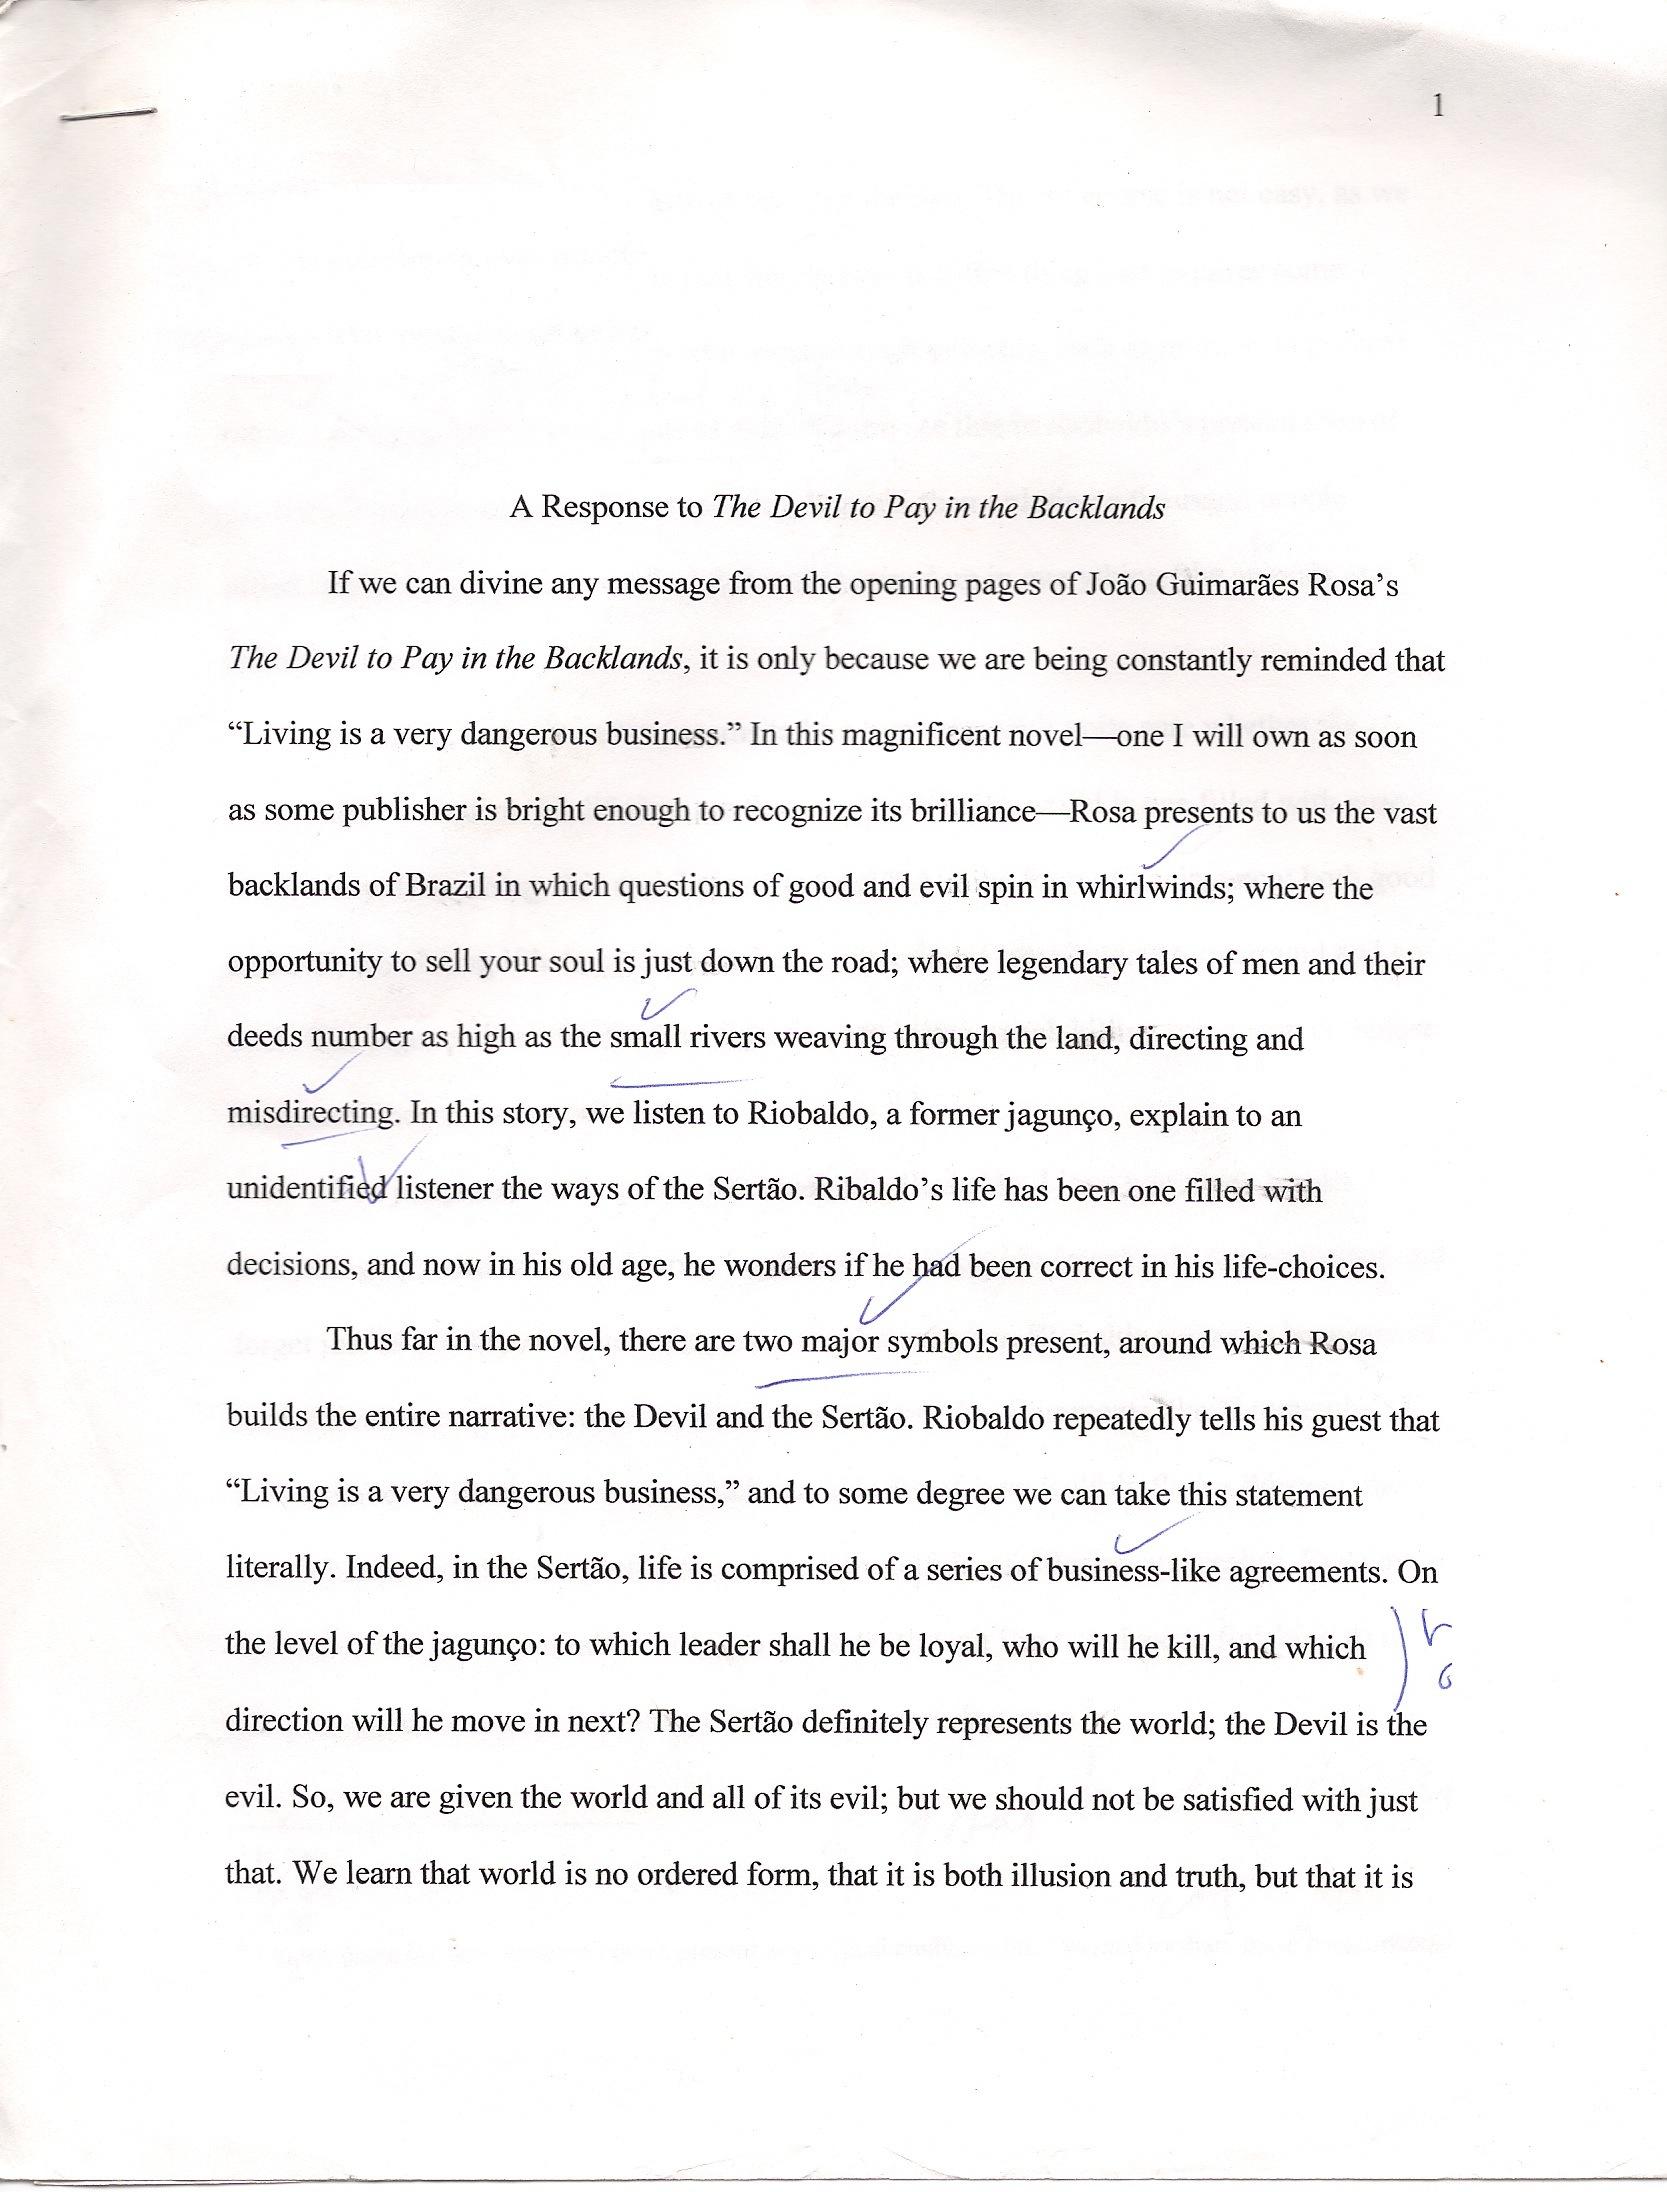 apa full sentence outline example